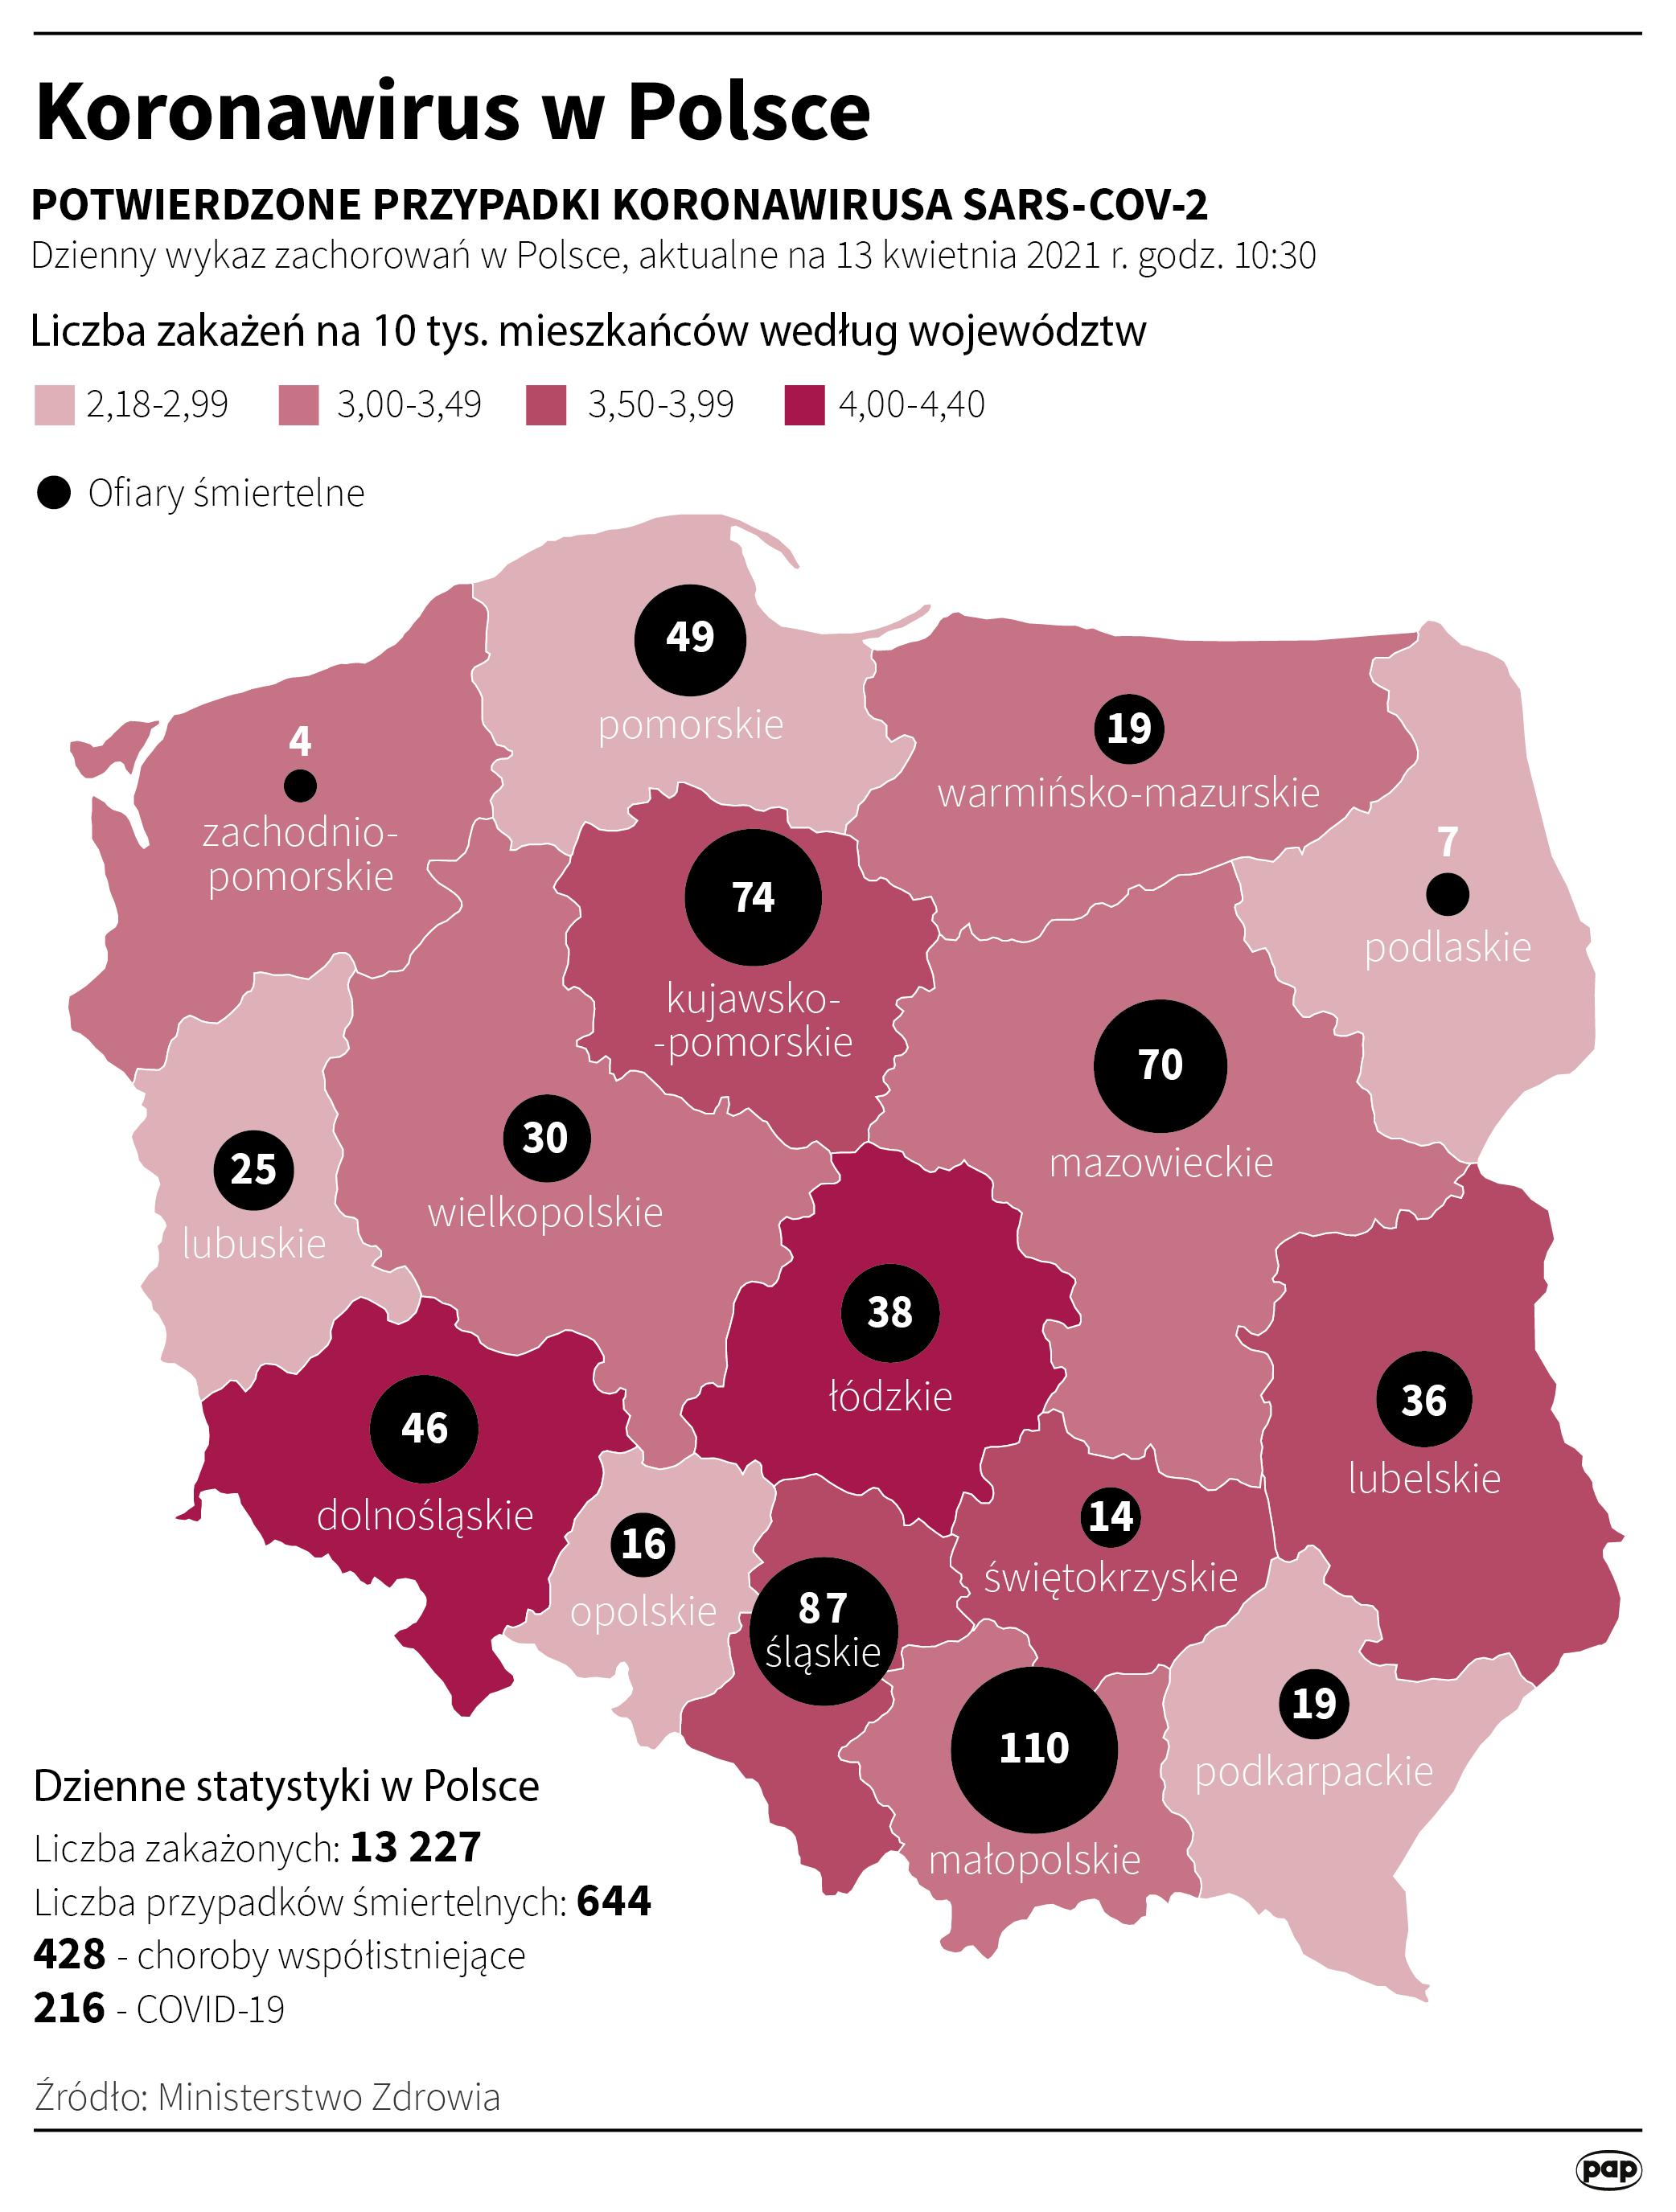 Koronawirus w Polsce - stan na 13 kwietnia [Autor: Maciej Zieliński, źródło: PAP]